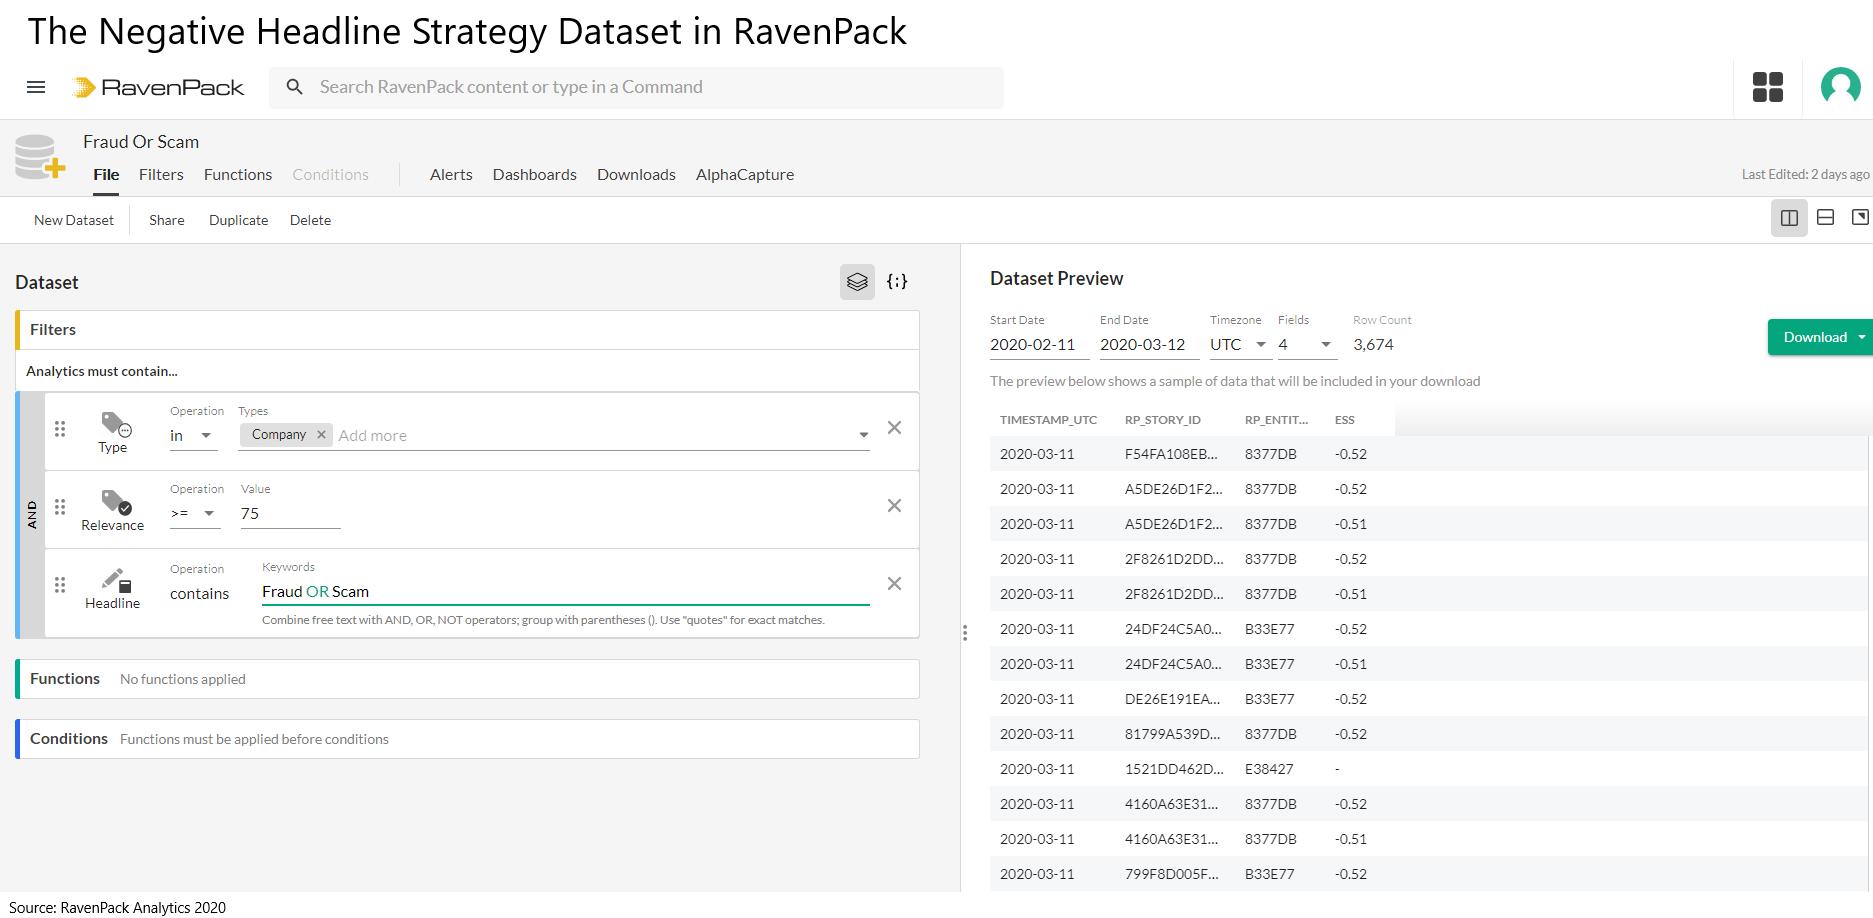 Ravenpack analytics